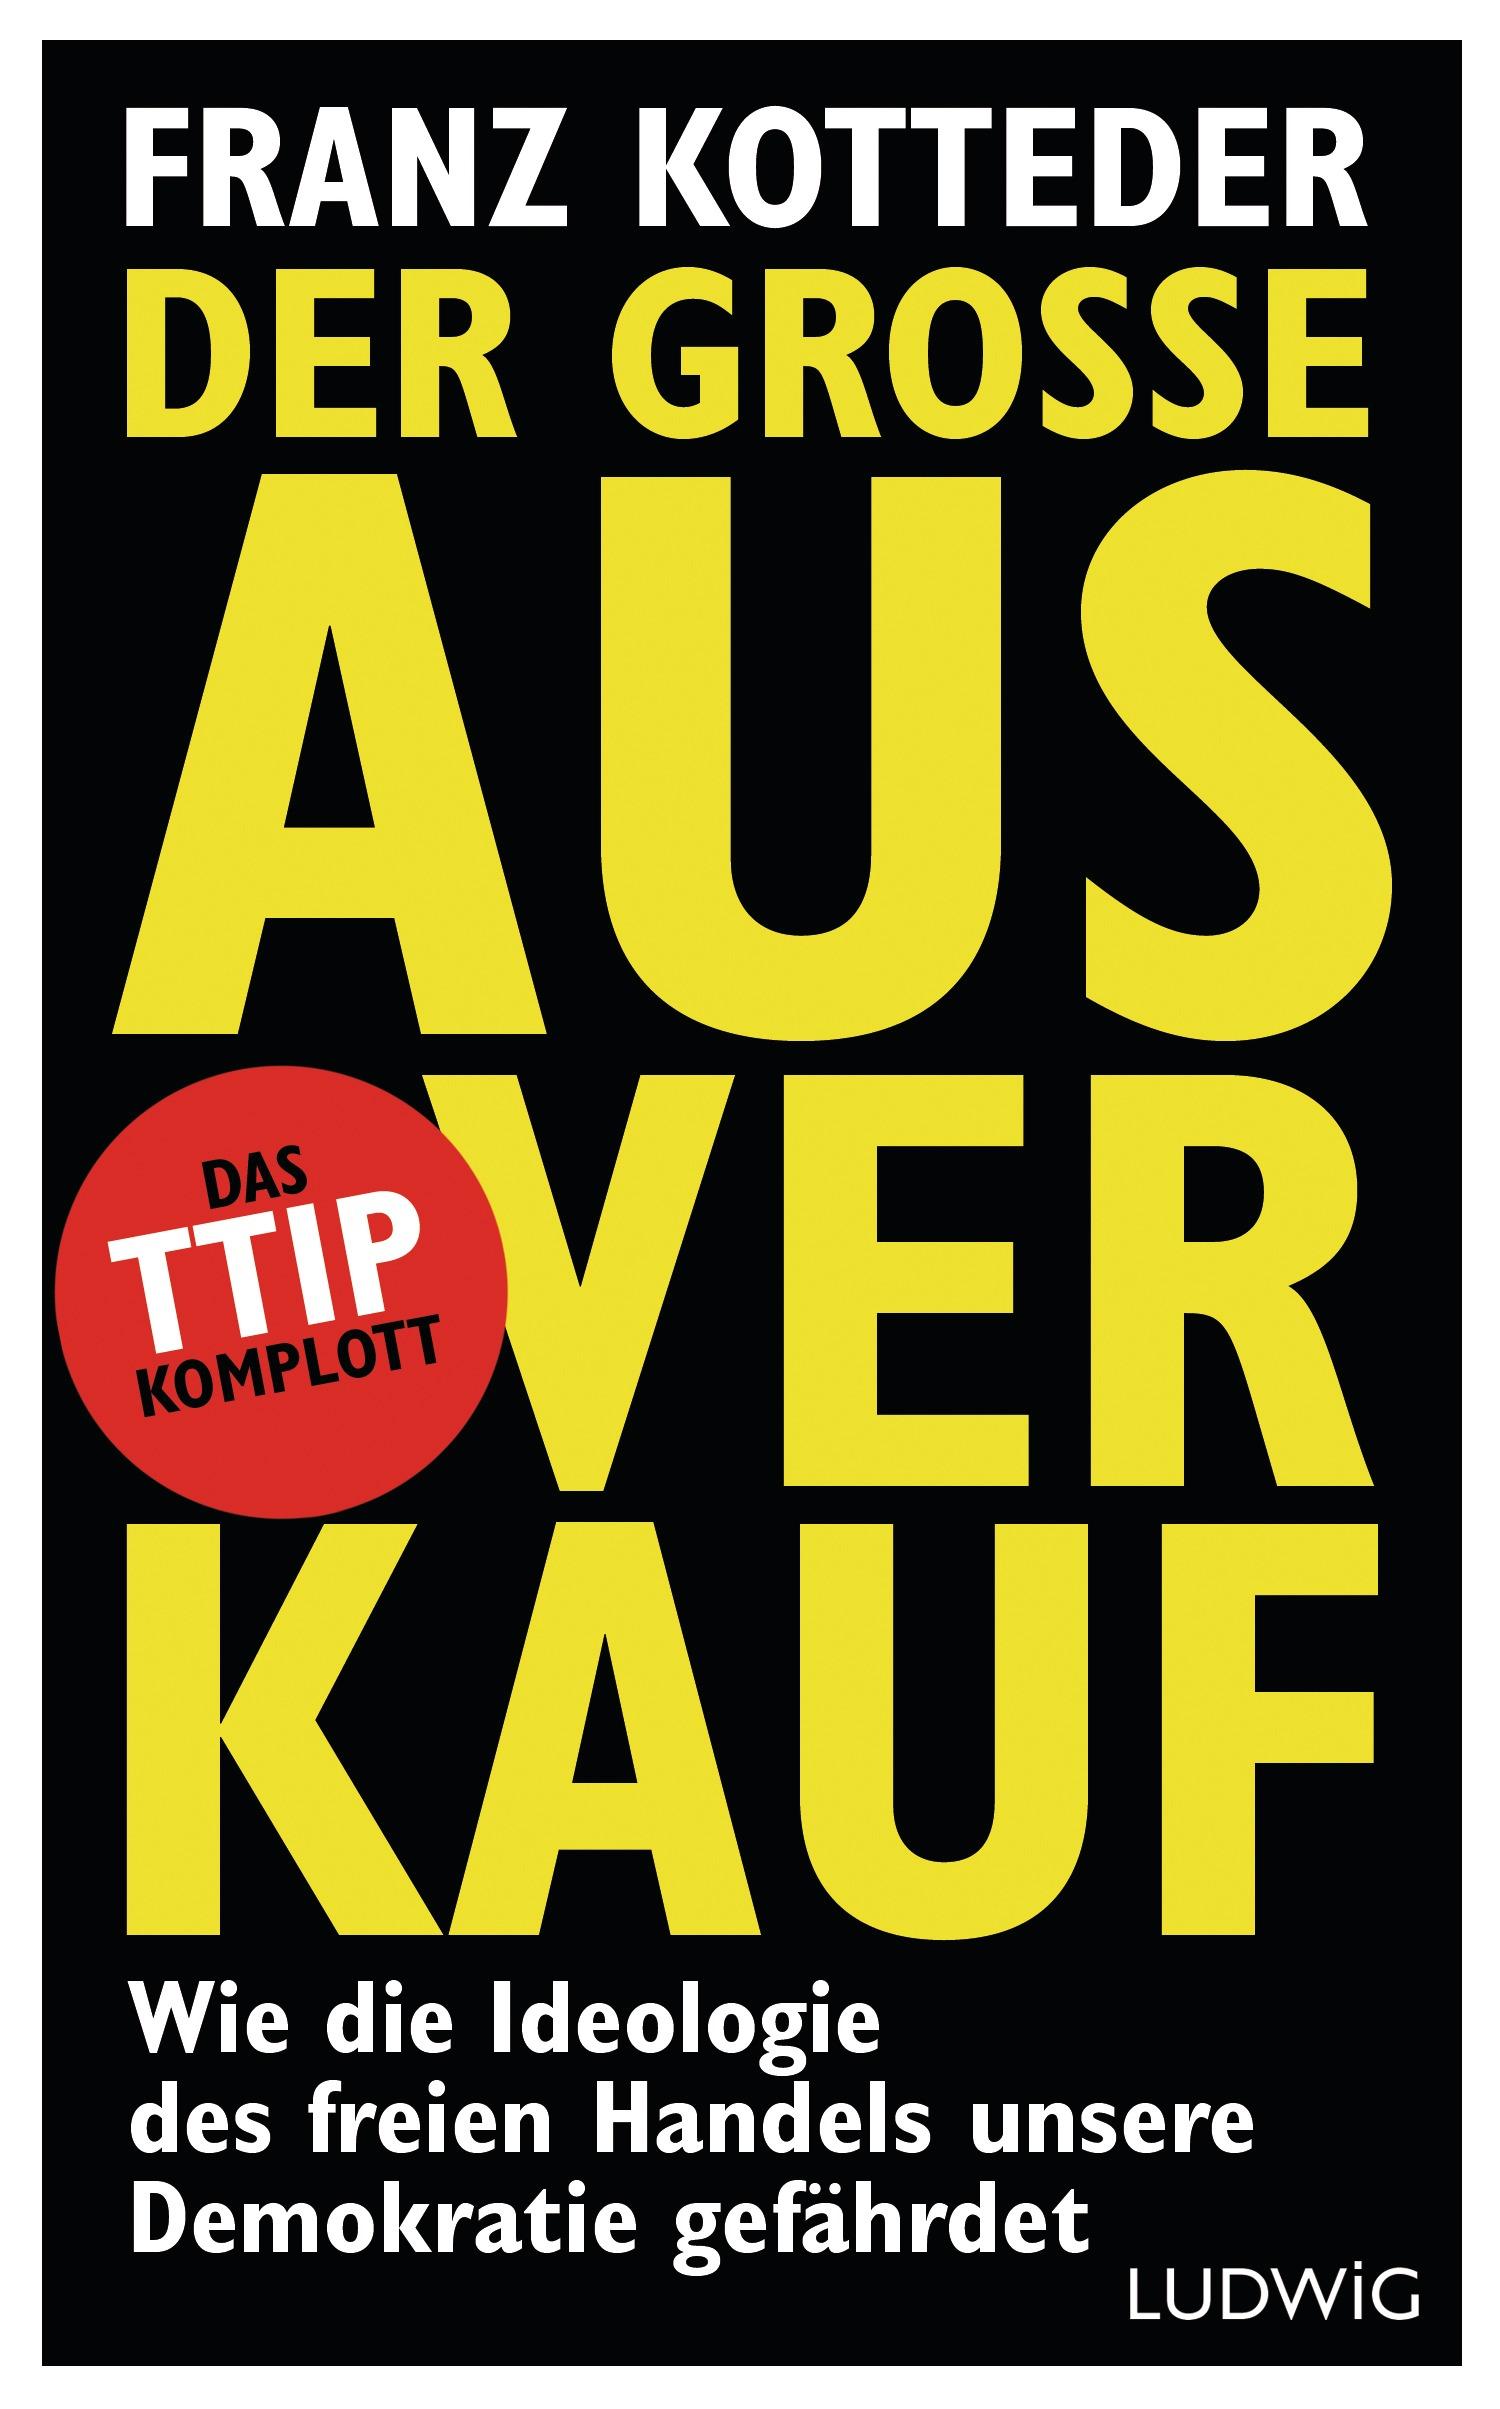 Der große Ausverkauf: Wie die Ideologie des freien Handels unsere Demokratie gefährdet. - Das TTIP-Komplott - Kotteder, Franz